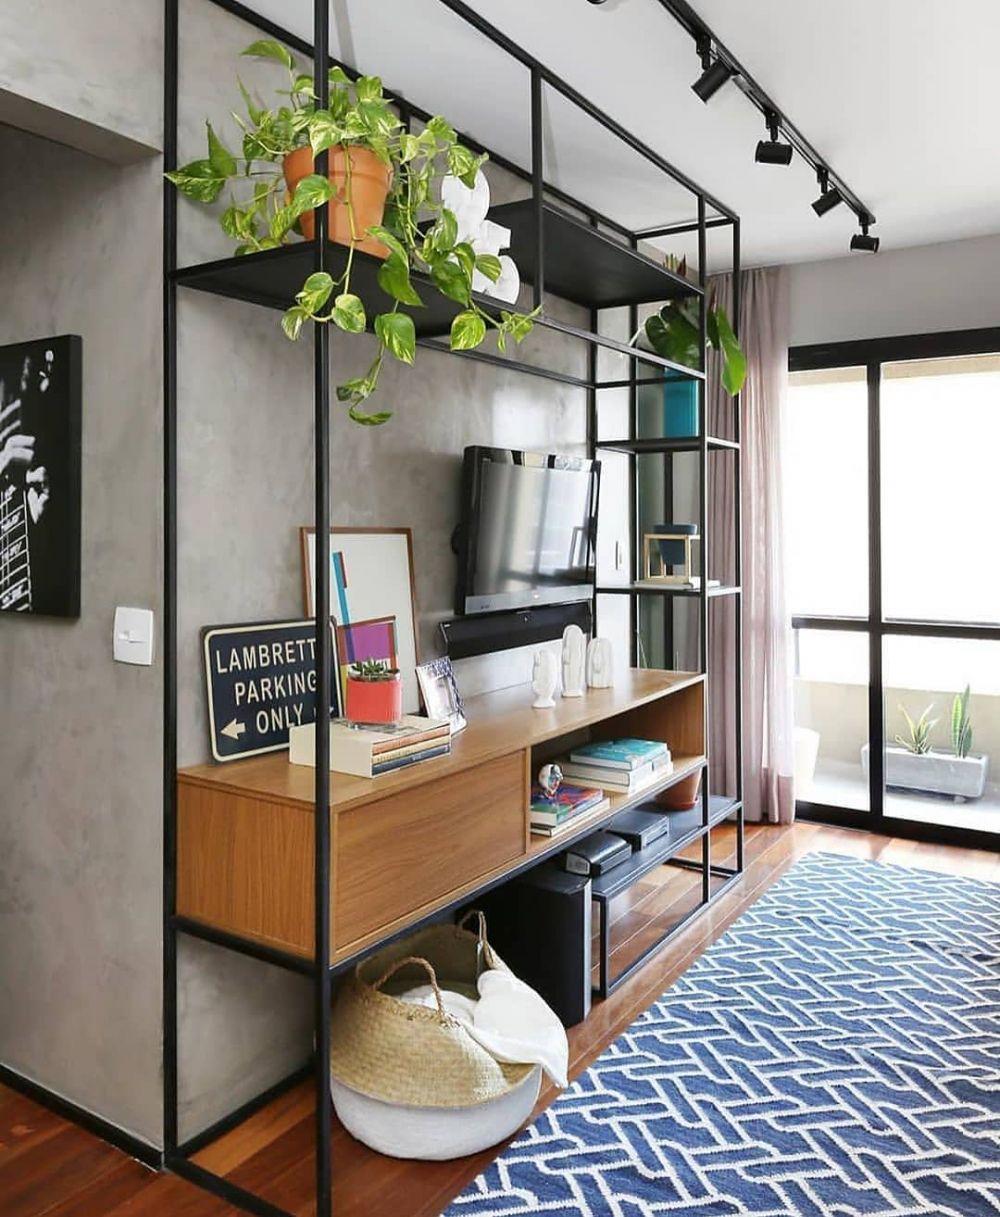 20 Desain Apartemen Kecil Cozy Abis